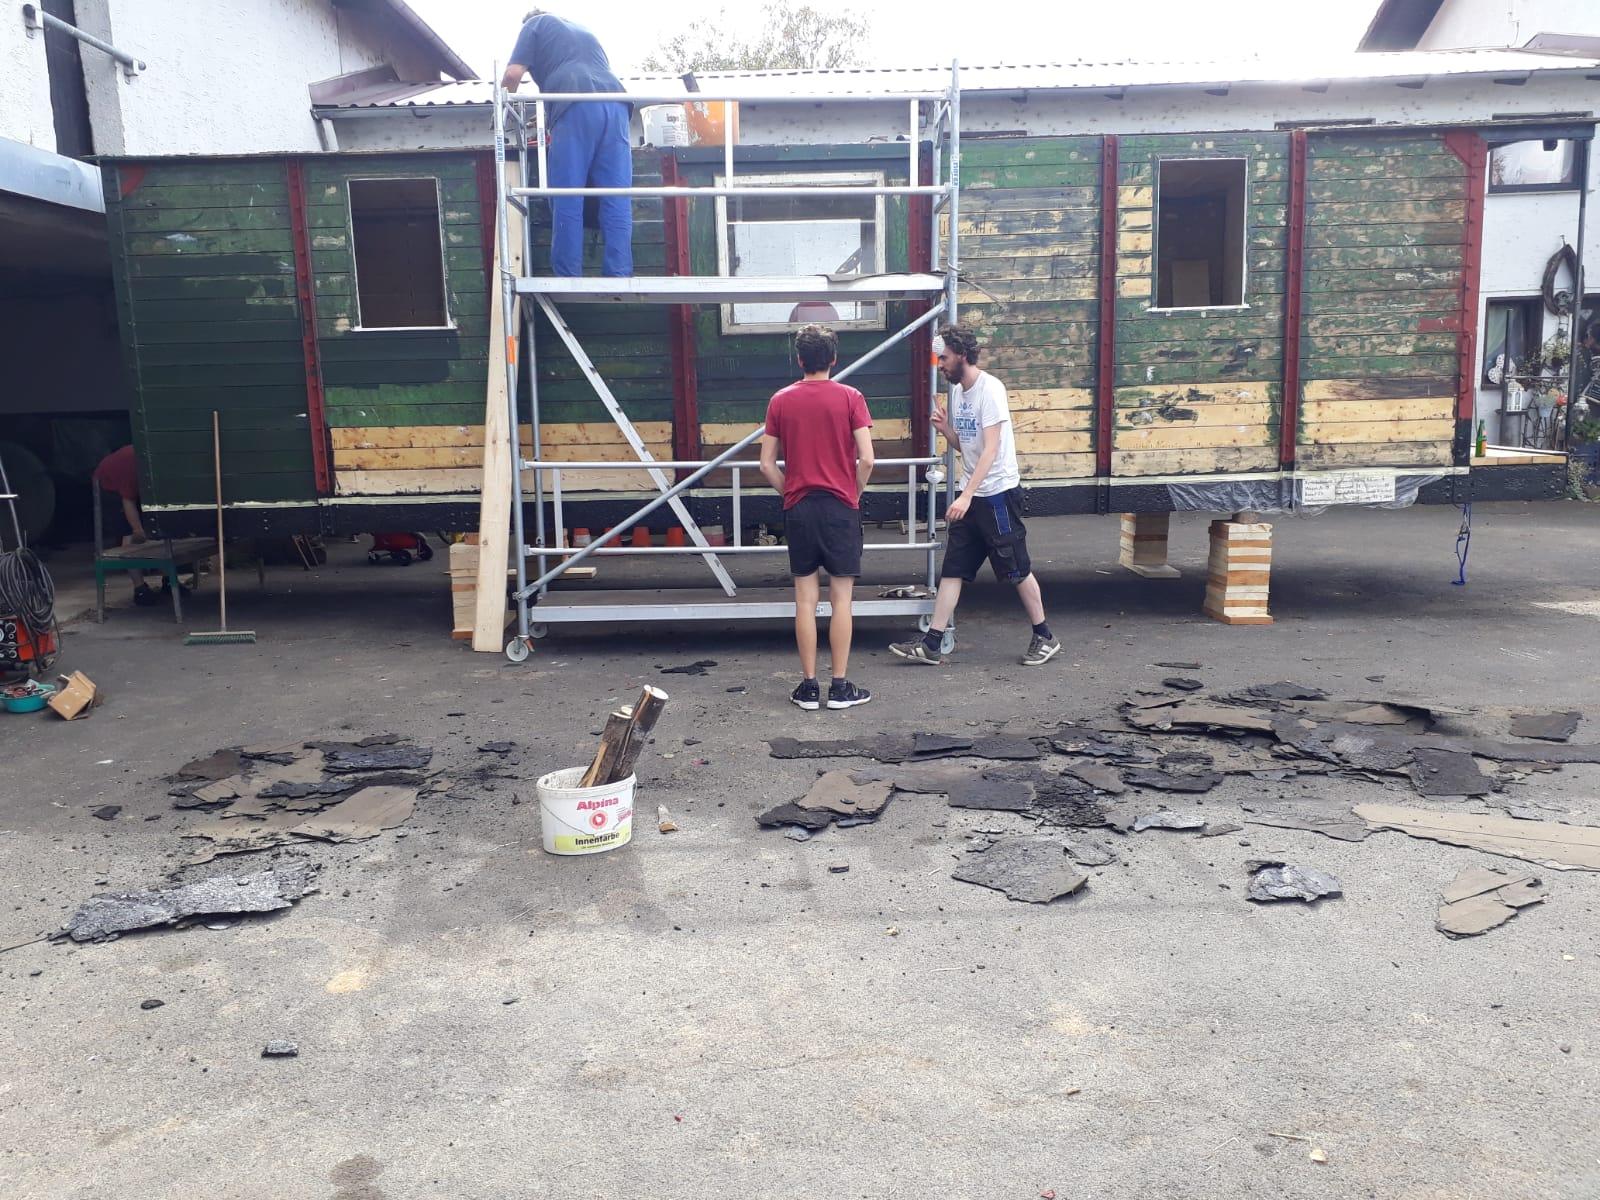 Los geht es!   Abriss!      Runter mit der alten Dachpappe